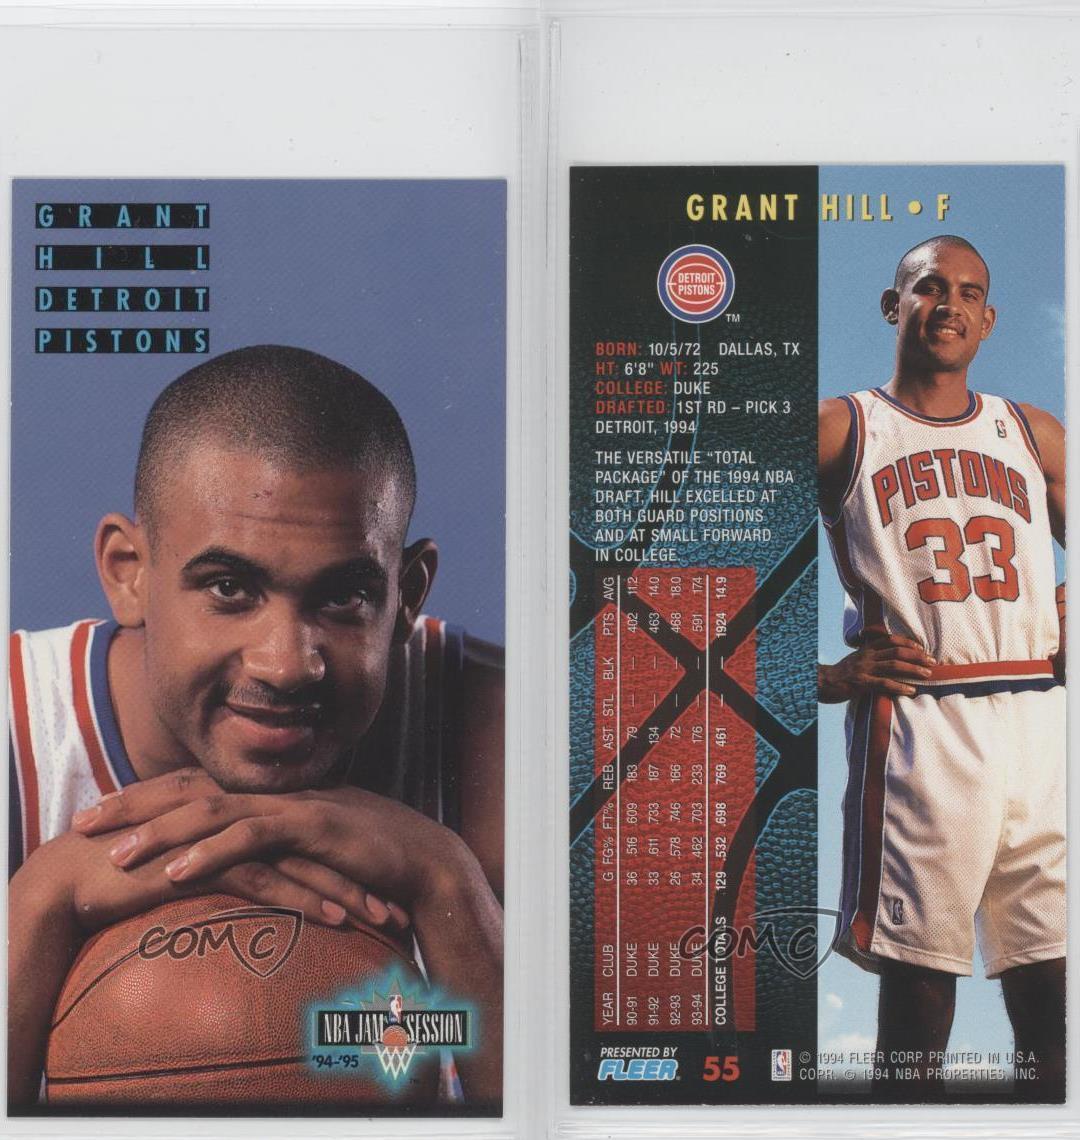 1994 Fleer NBA Jam Session #55 Grant Hill Detroit Pistons